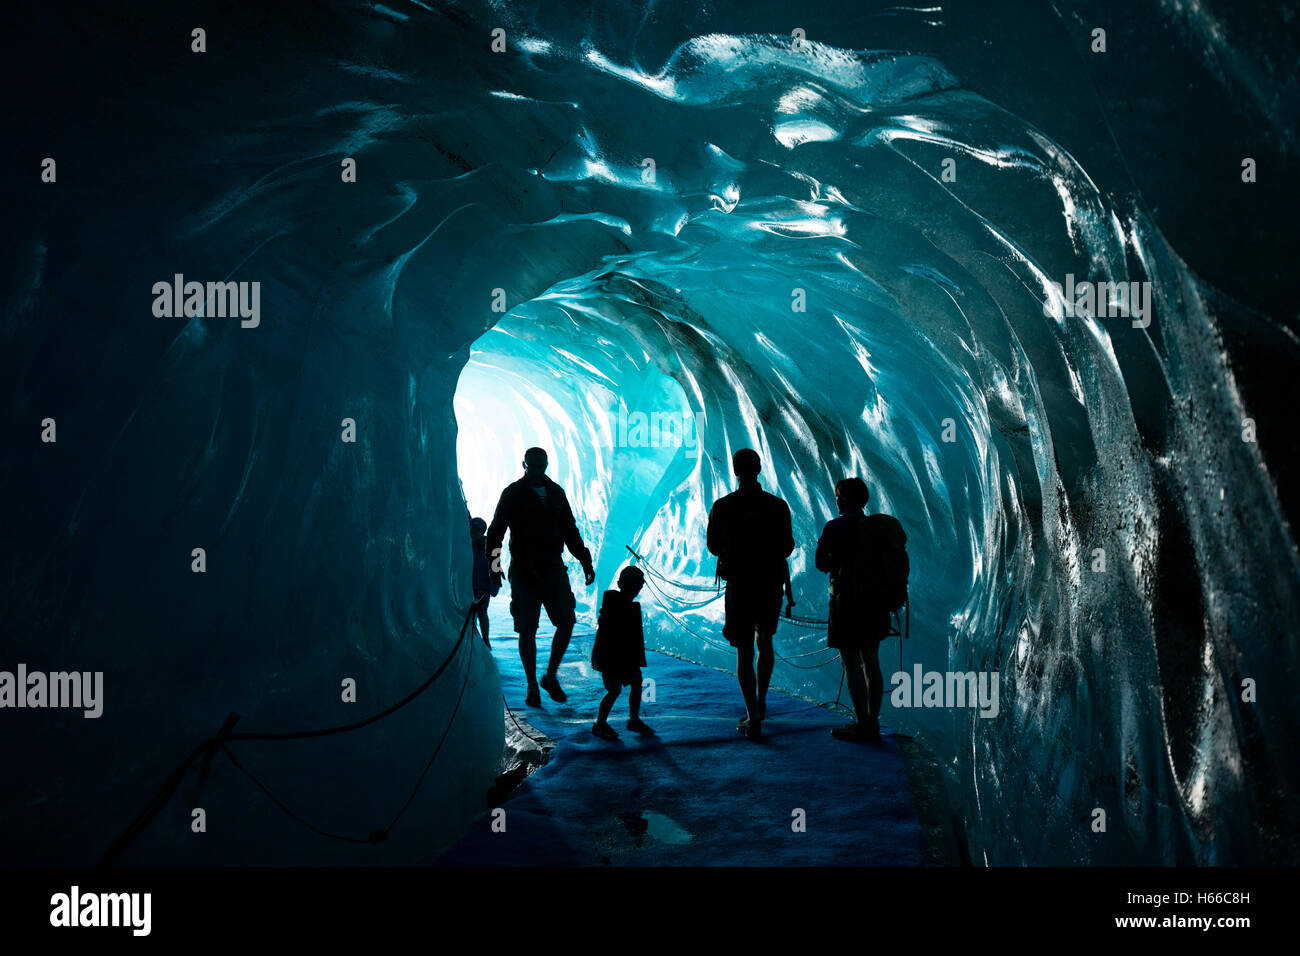 Los turistas dentro de la cueva de hielo en el glaciar Mer de Glace, Montenvers. Valle de Chamonix, Alpes franceses, Francia. Foto de stock